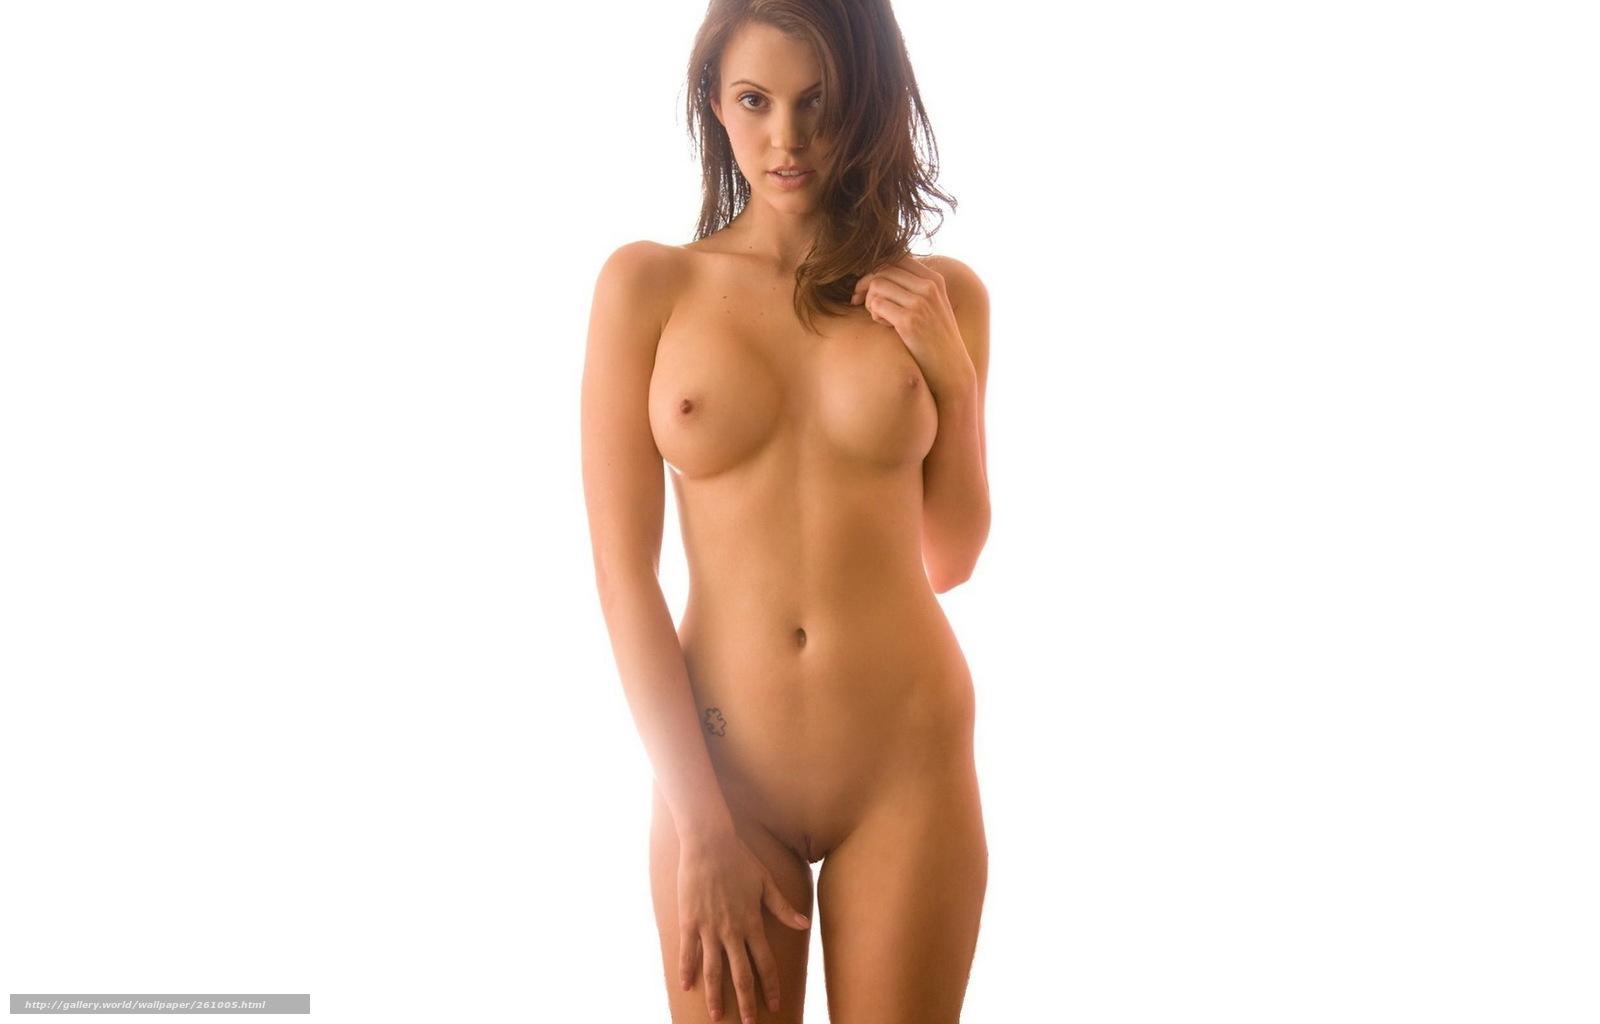 Парень голые девушки с потрясающей фигурой очень